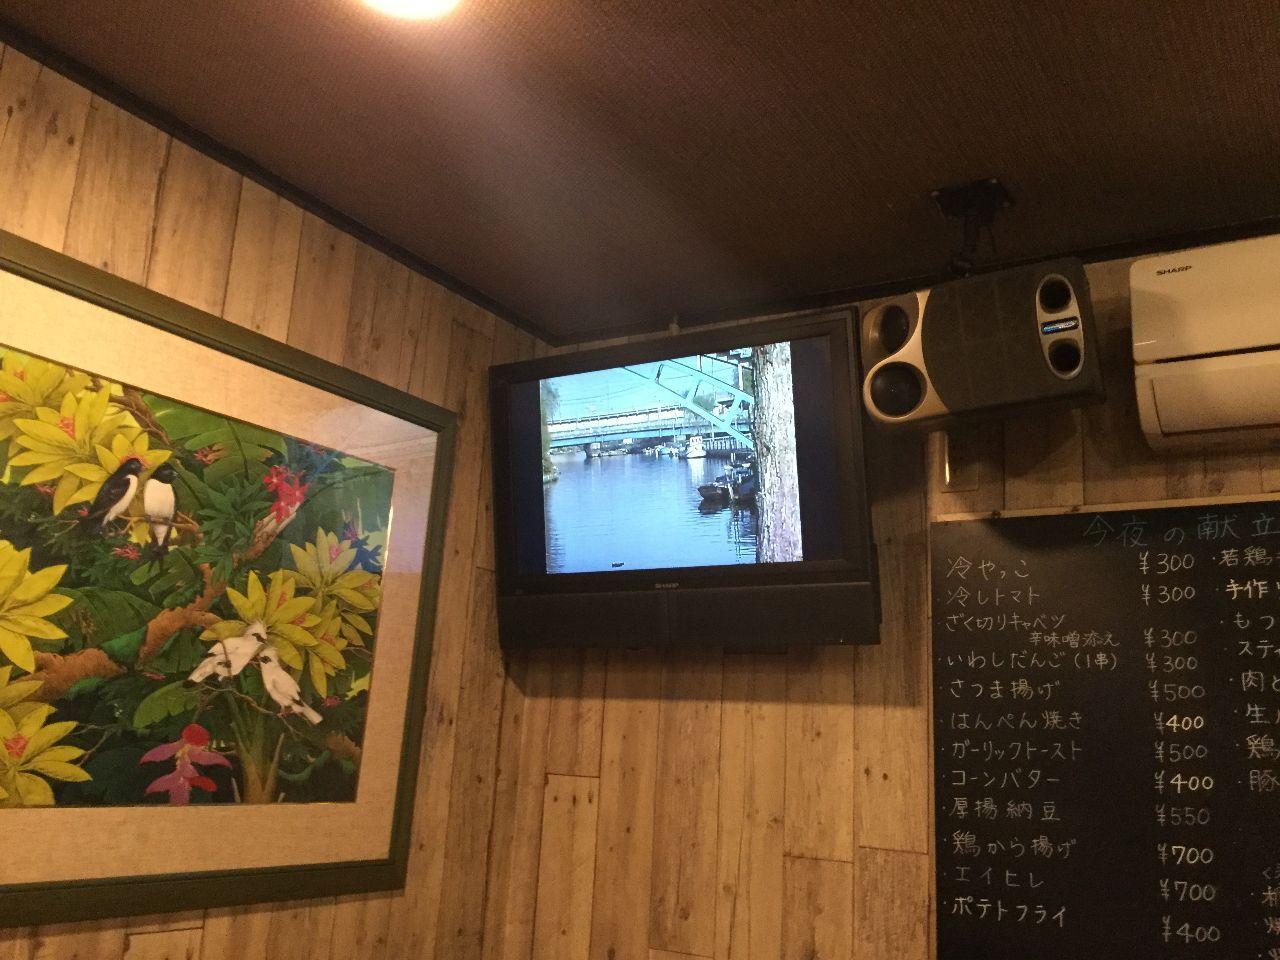 000001.SS - 上海総合 黒い〜🎵花びら〜🎵 もう酩酊中ですーーーーー。